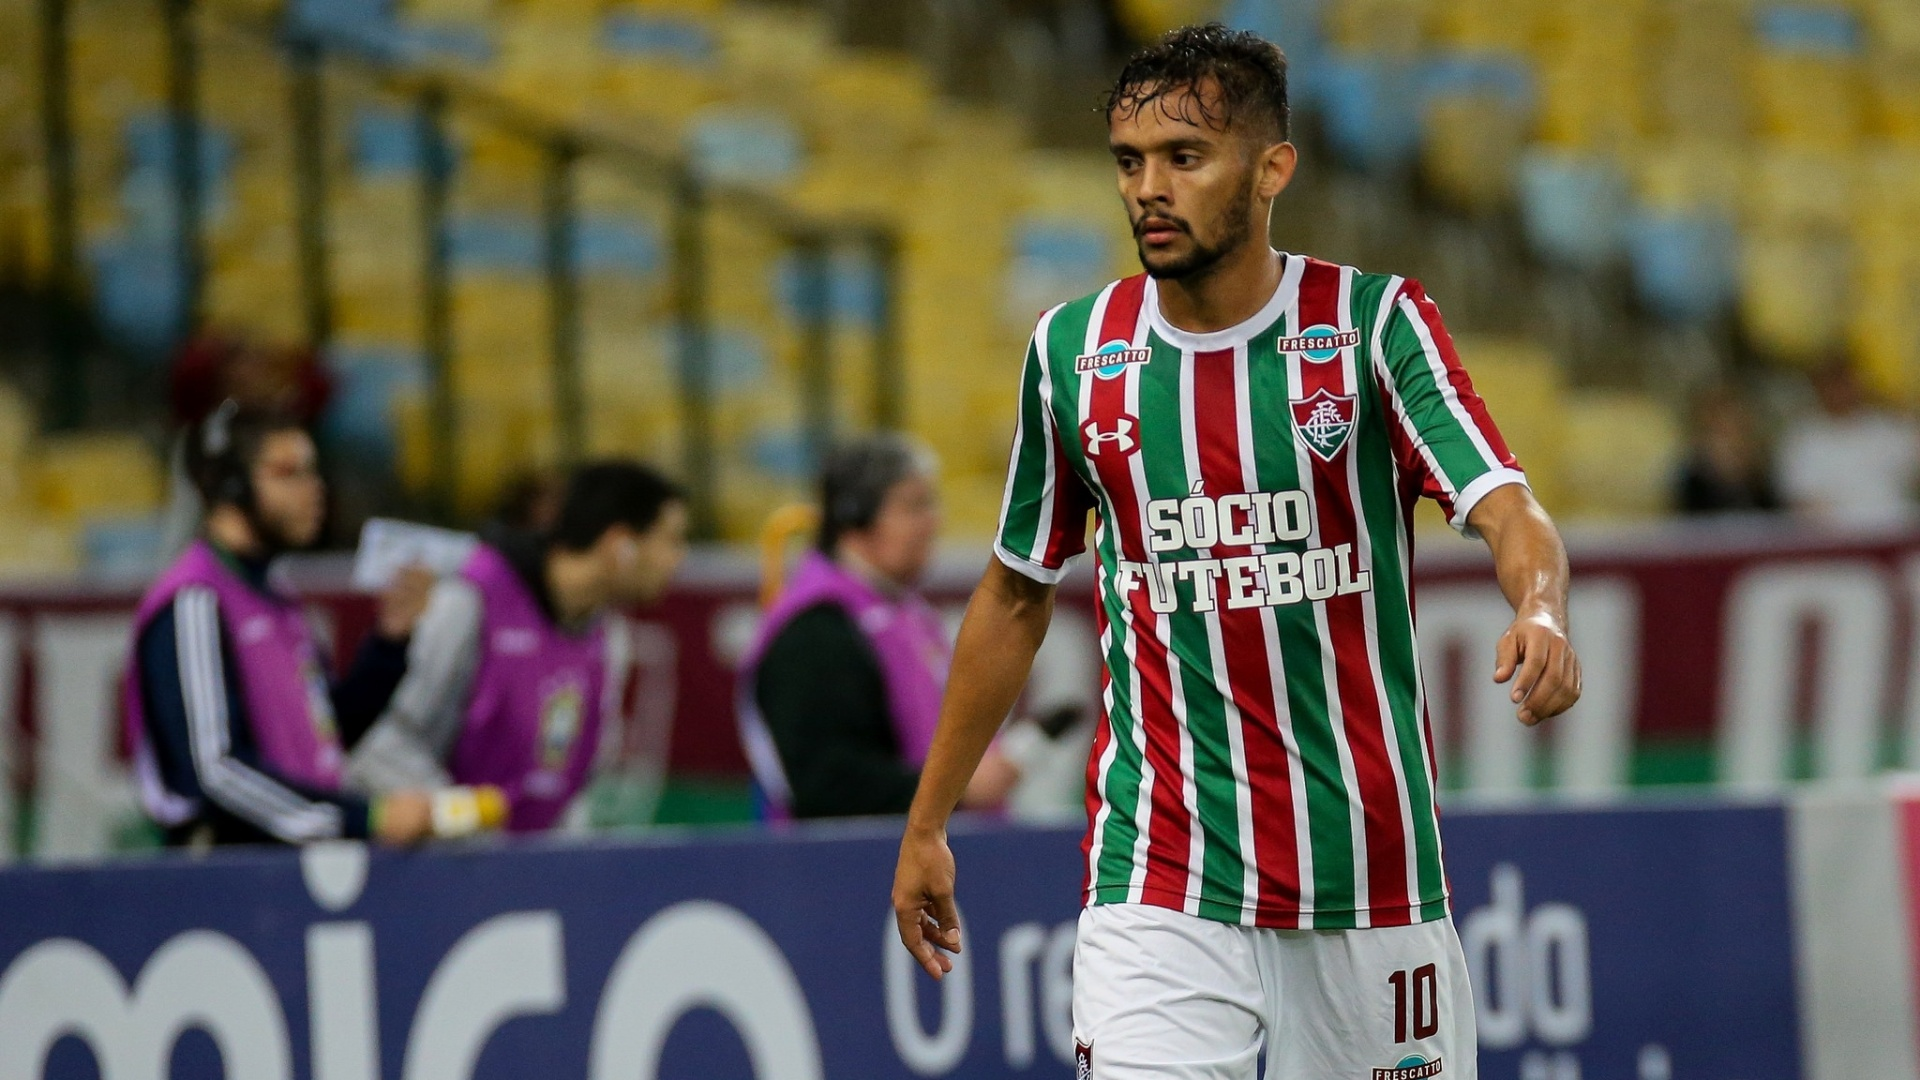 Gustavo Scarpa, do Fluminense, em jogo contra o Atlético-MG